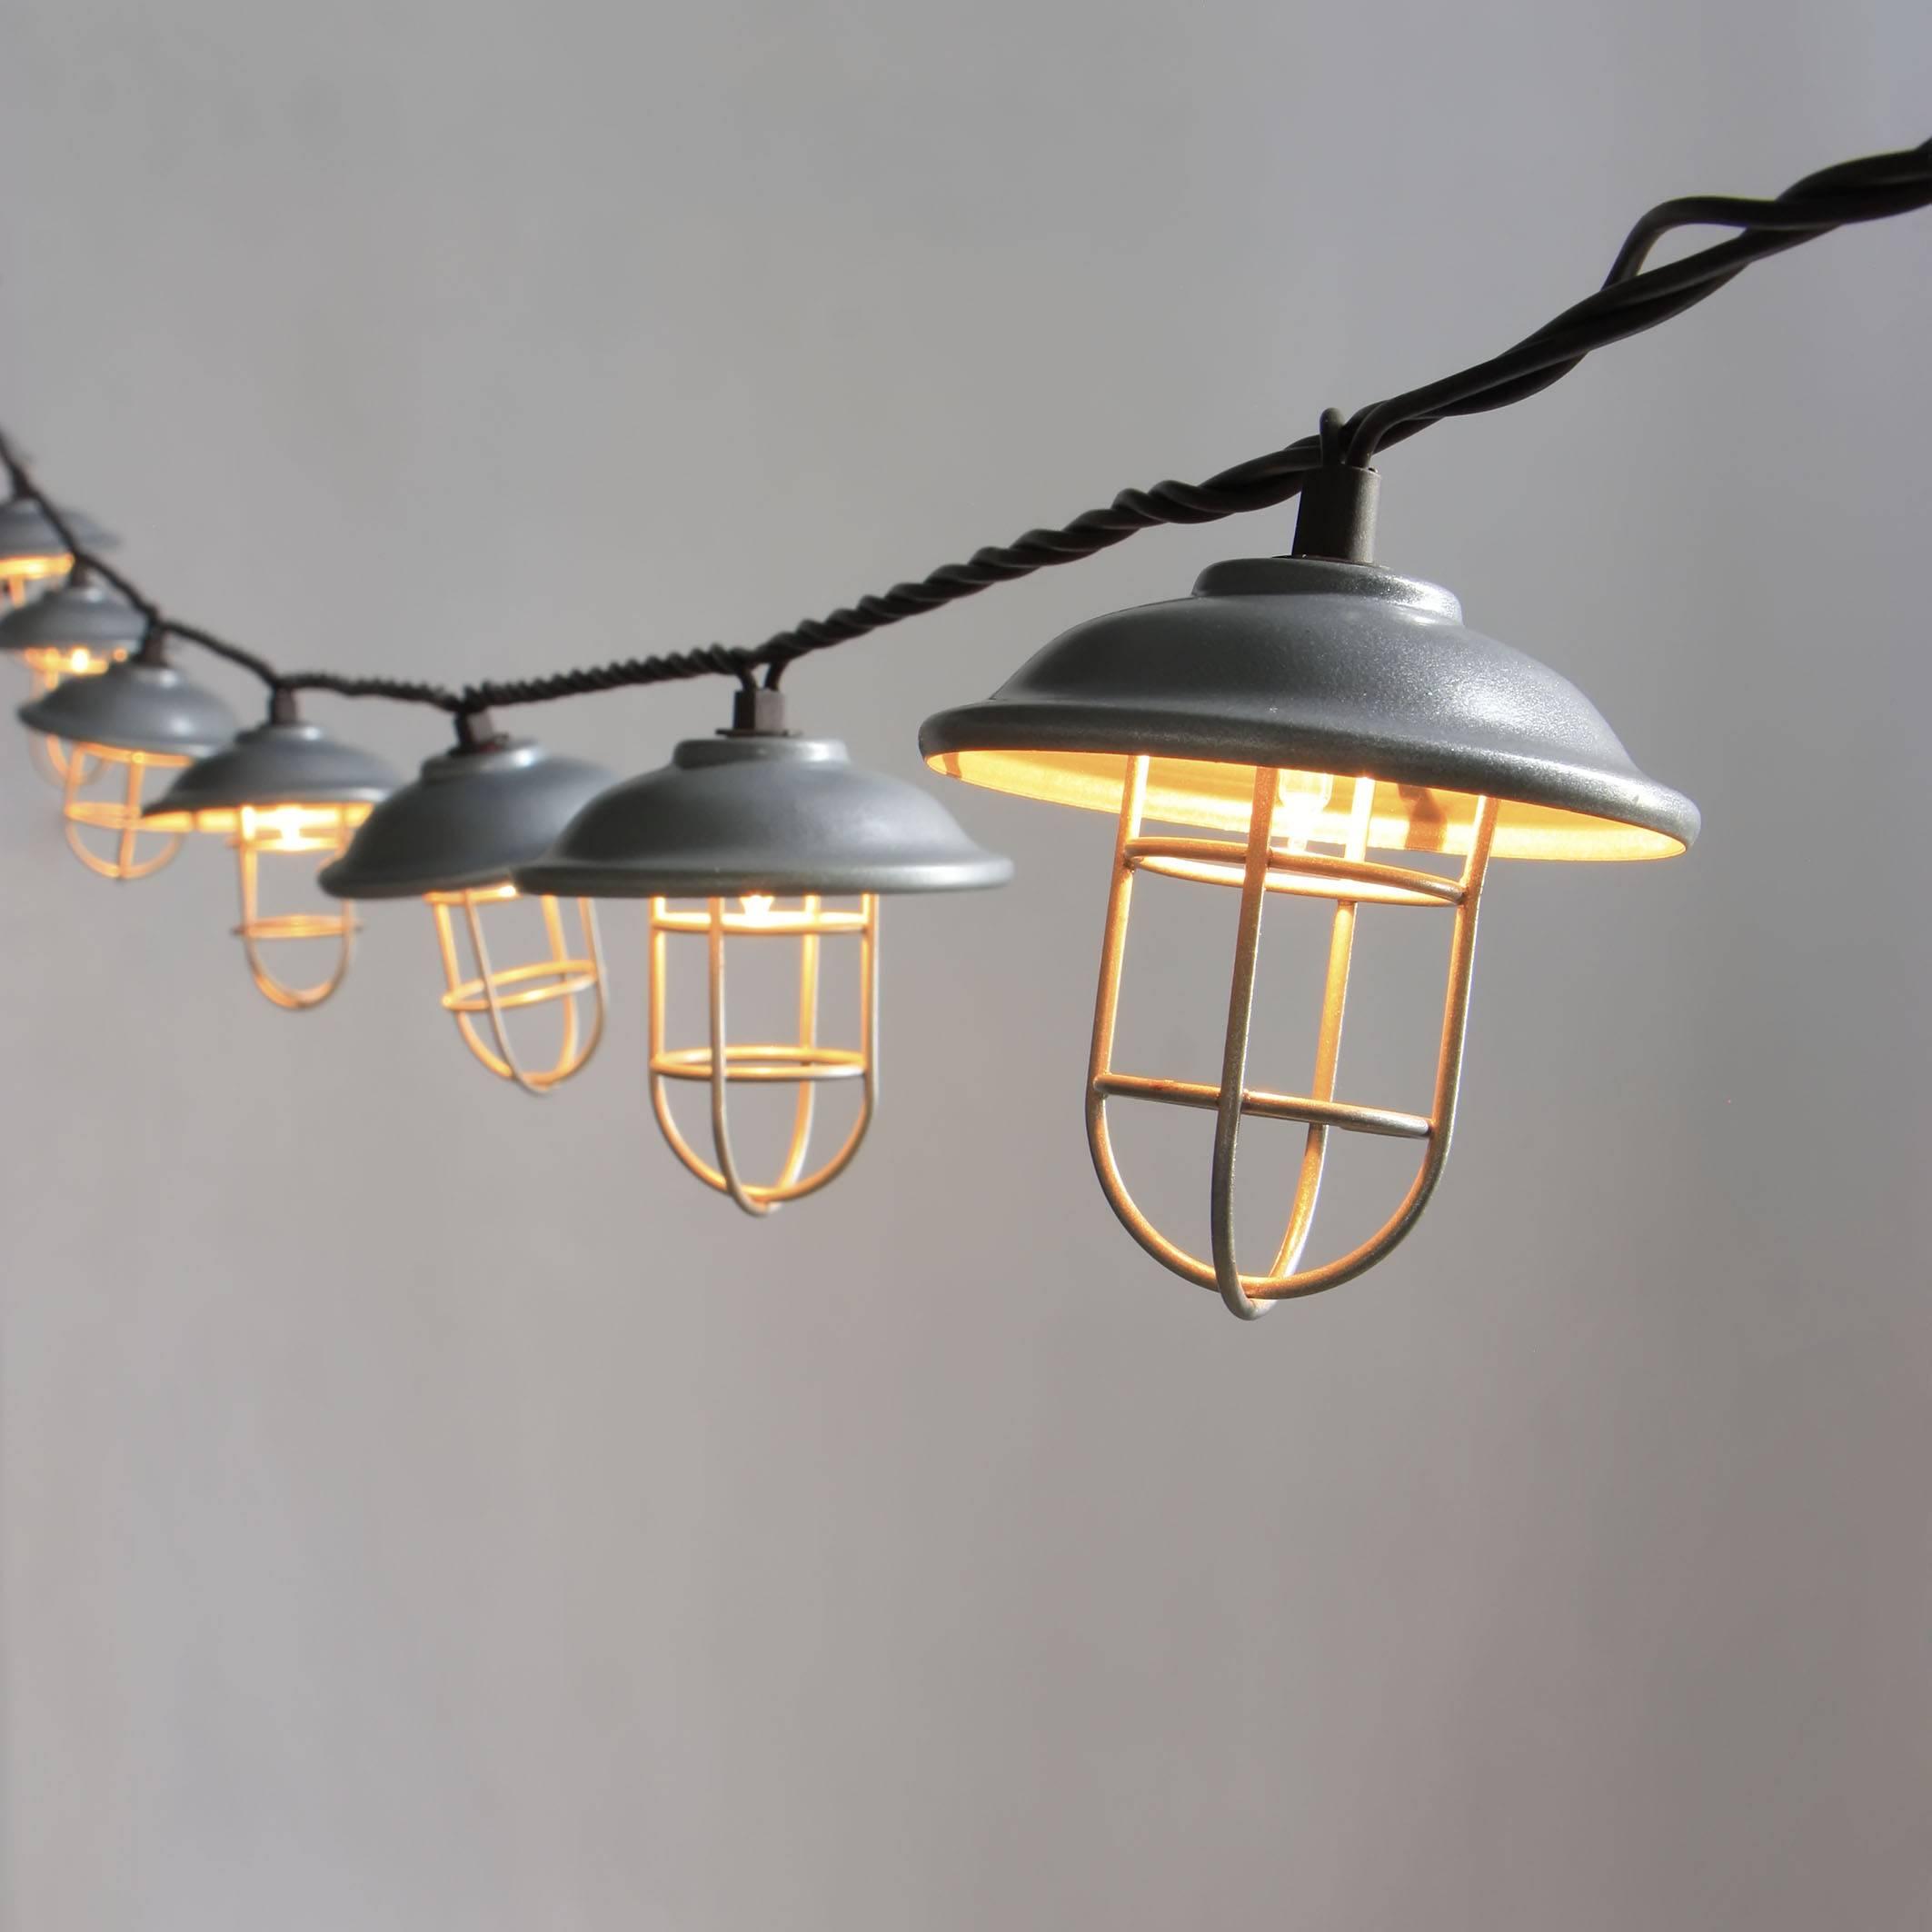 Garden Decorative Galvanized hood & wire cage string light KF01696